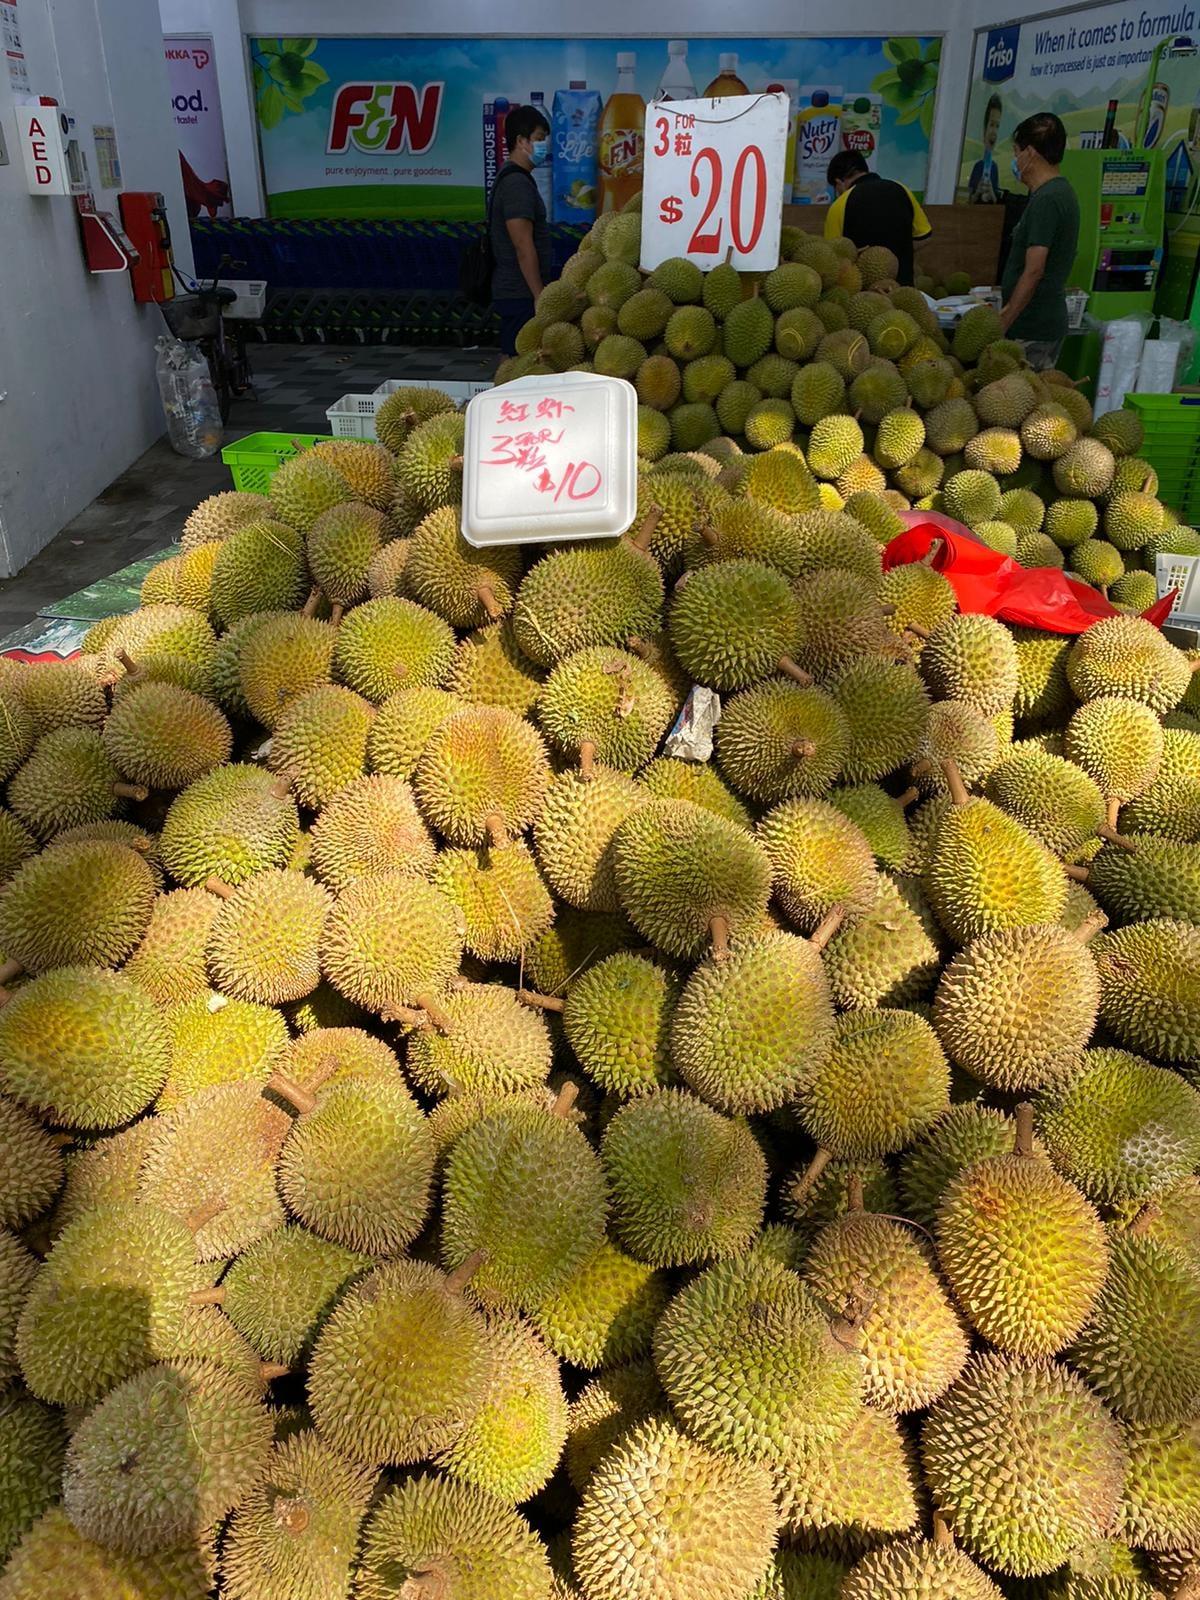 sheng siong durian promo 2